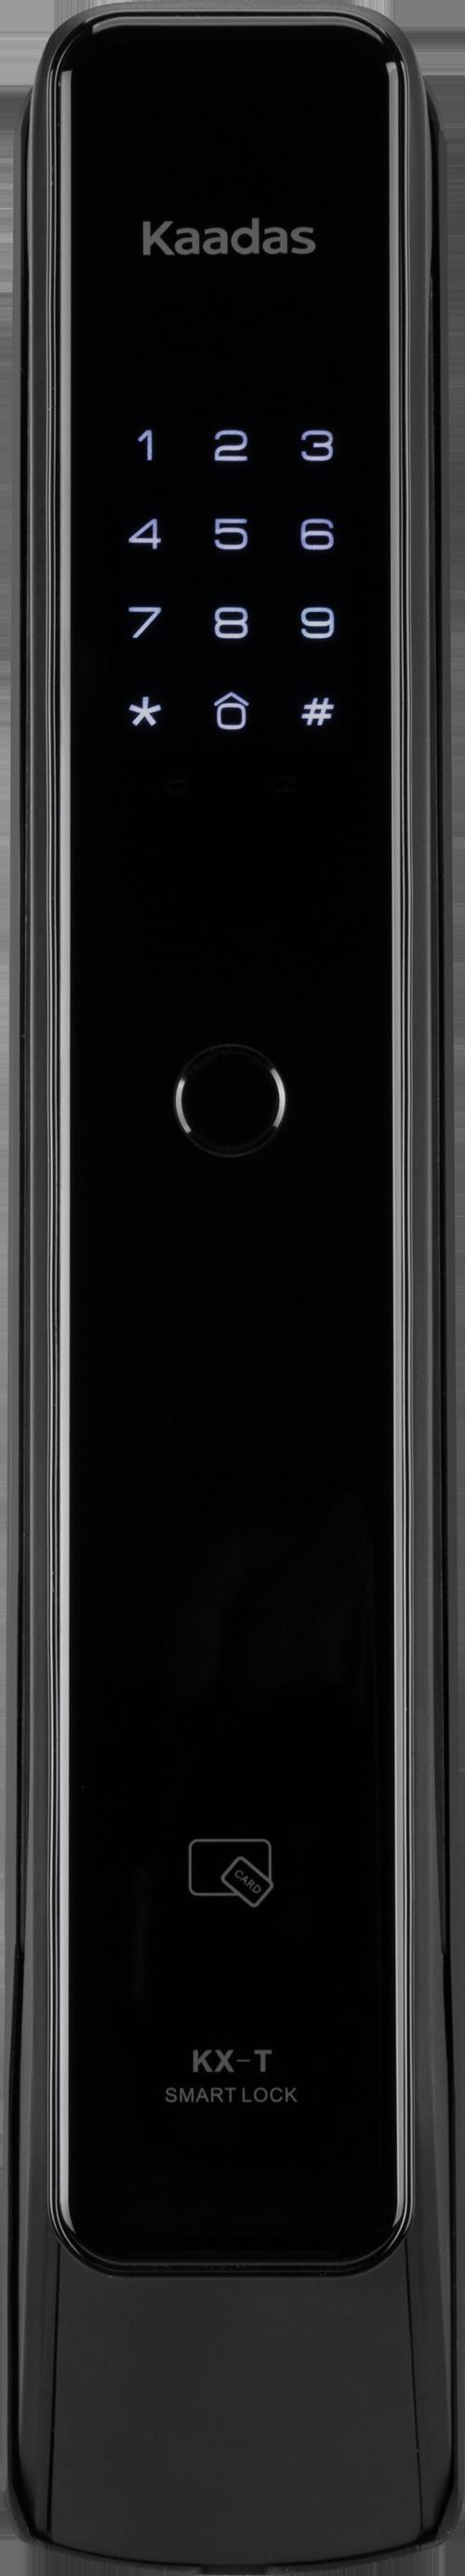 Kaadas KXT - замок электронный биометрический на входную дверь. Вид спереди.